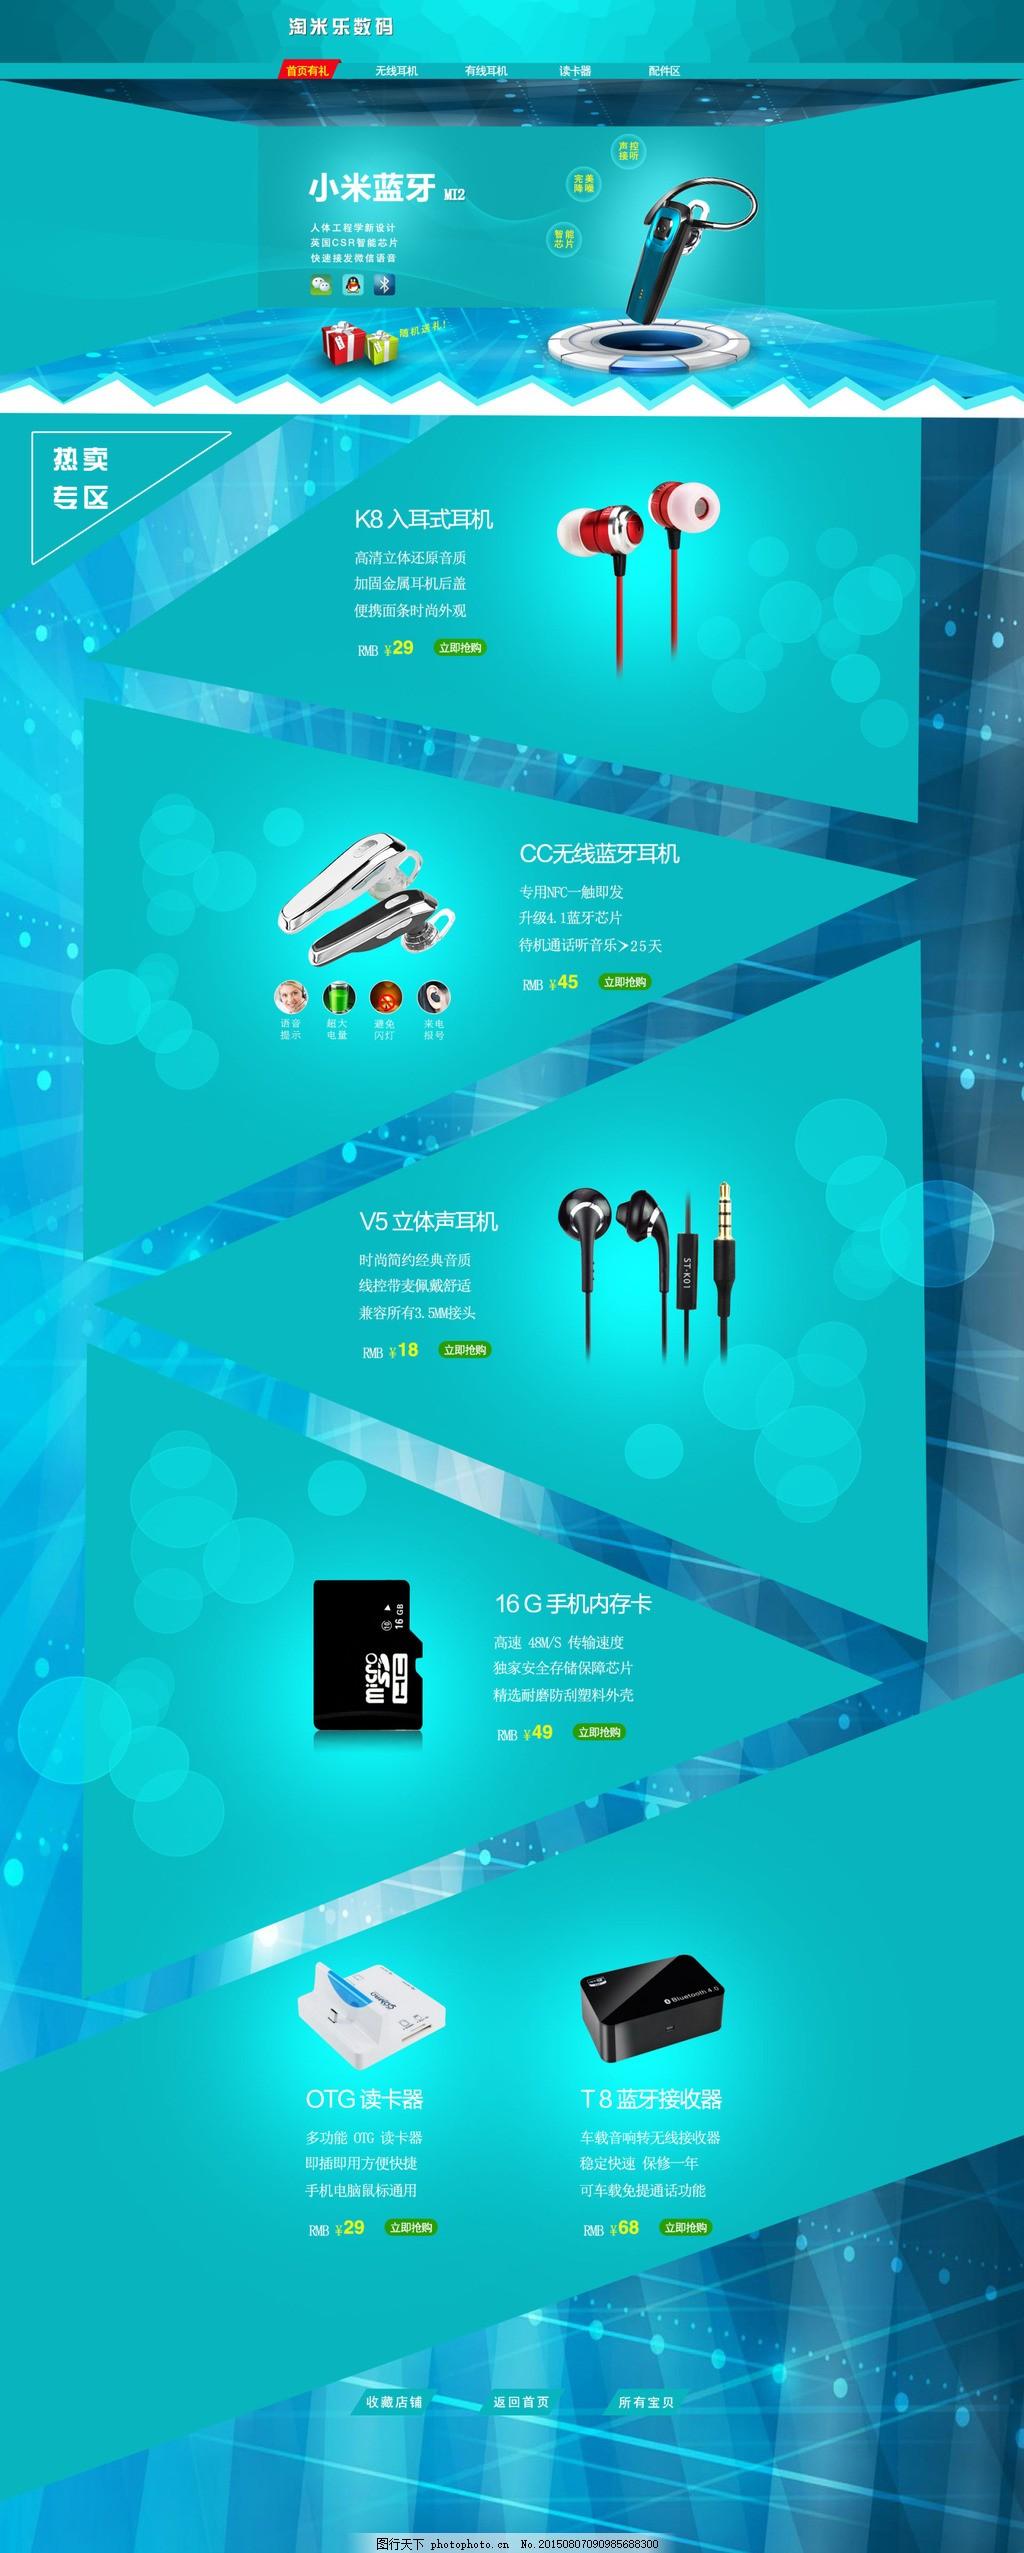 3C数码配件耳机首页 简约蓝色背景 淘宝素材 淘宝设计 淘宝模板下载